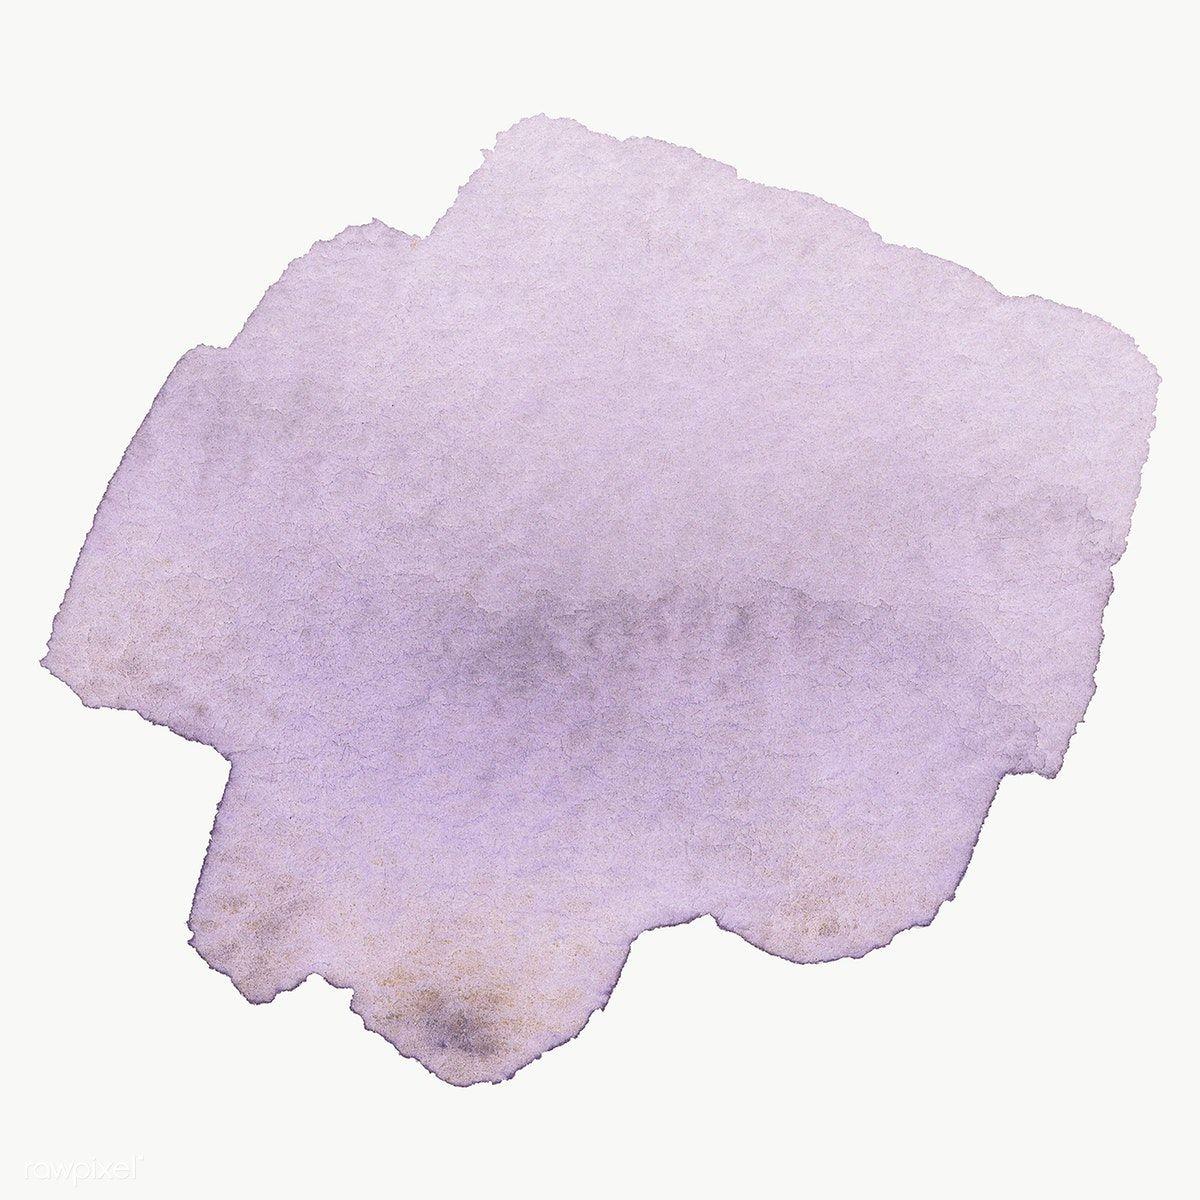 Watercolor Brush Stroke Transparent Png Free Image By Rawpixel Com Adj Brush Stroke Png Watercolor Brushes Watercolor Splash